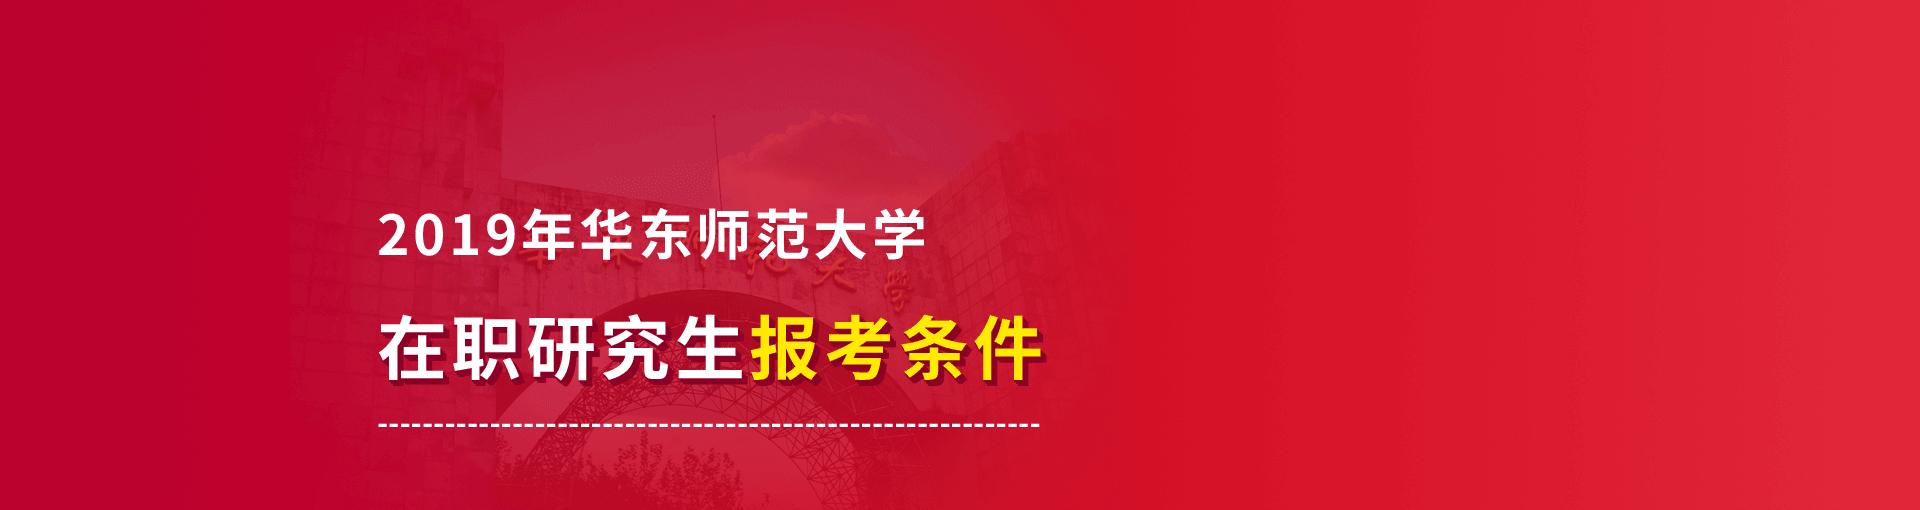 考前必读:2019年华东师范大学在职研究生报考条件汇总